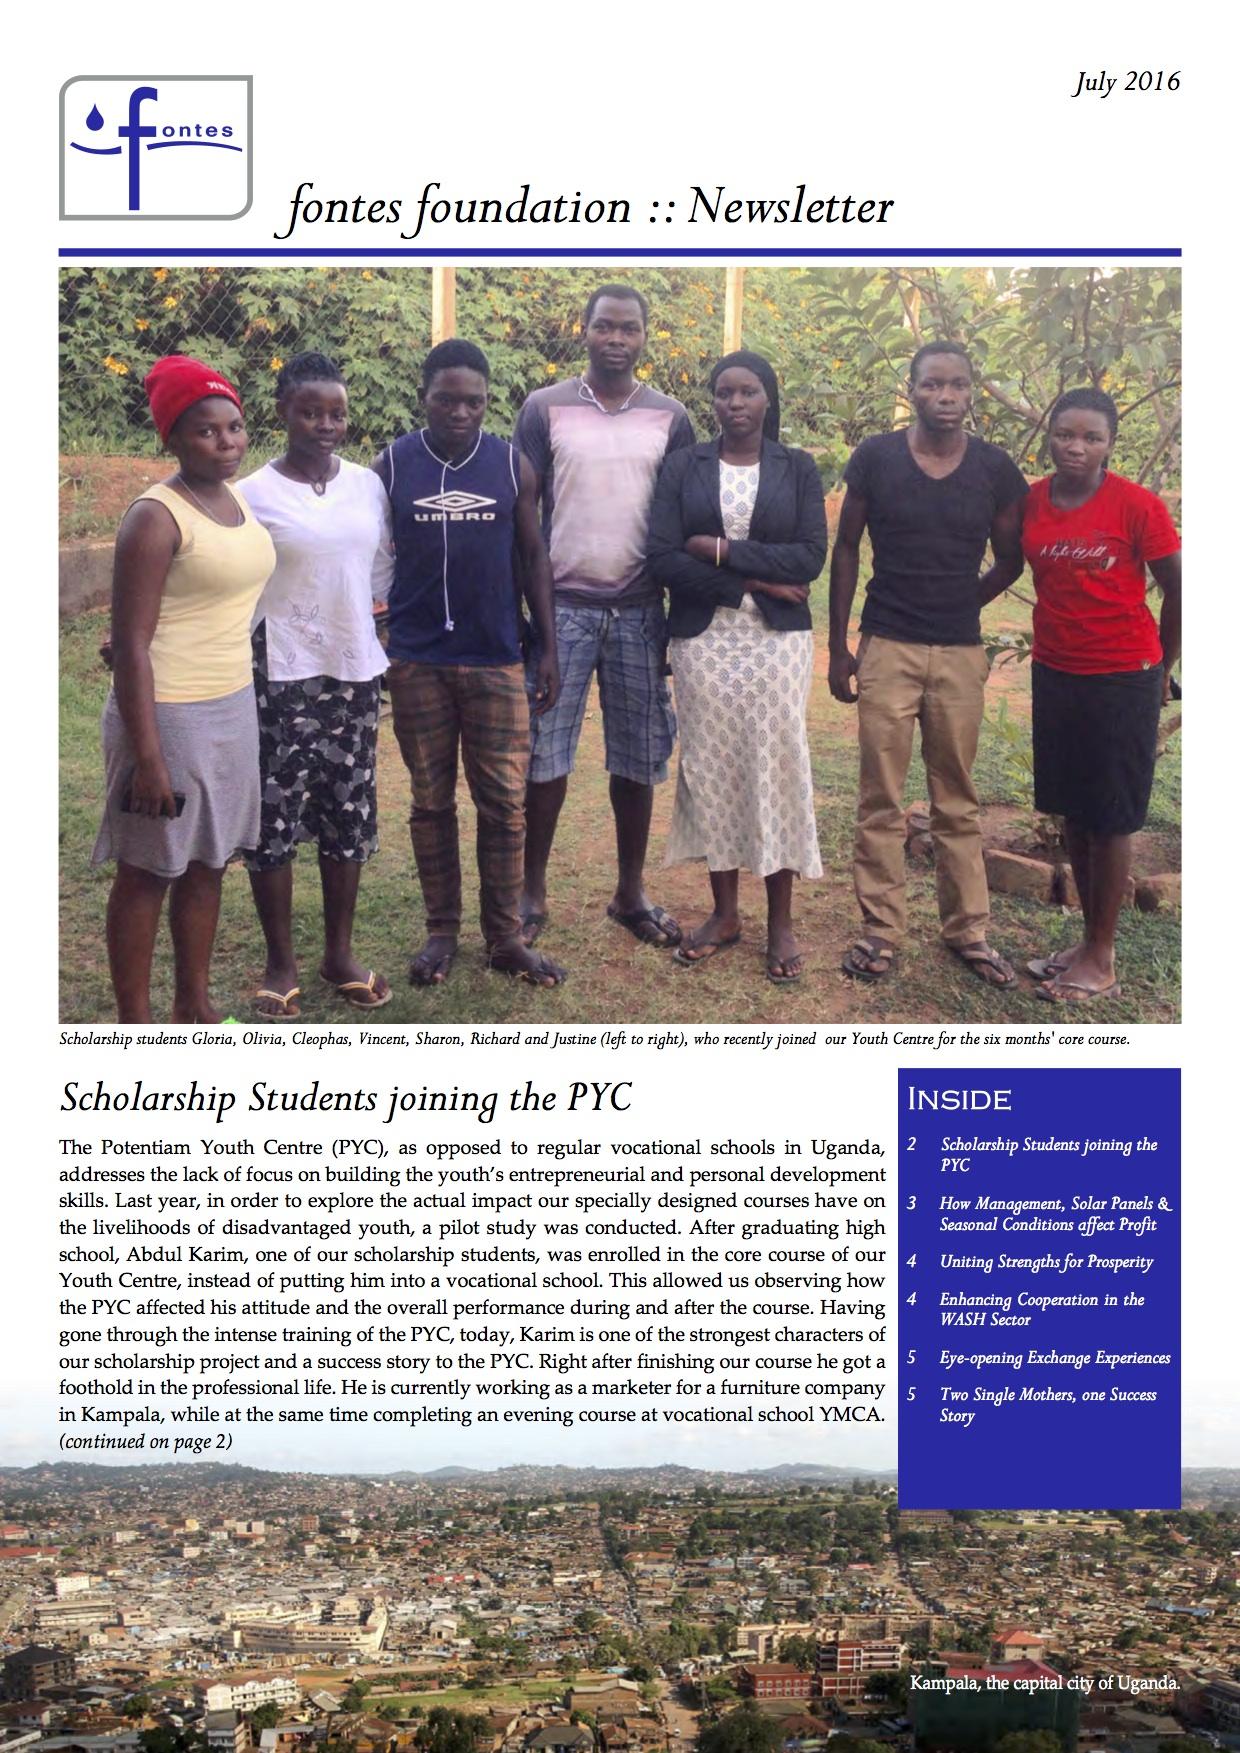 Newsletter 2016-07